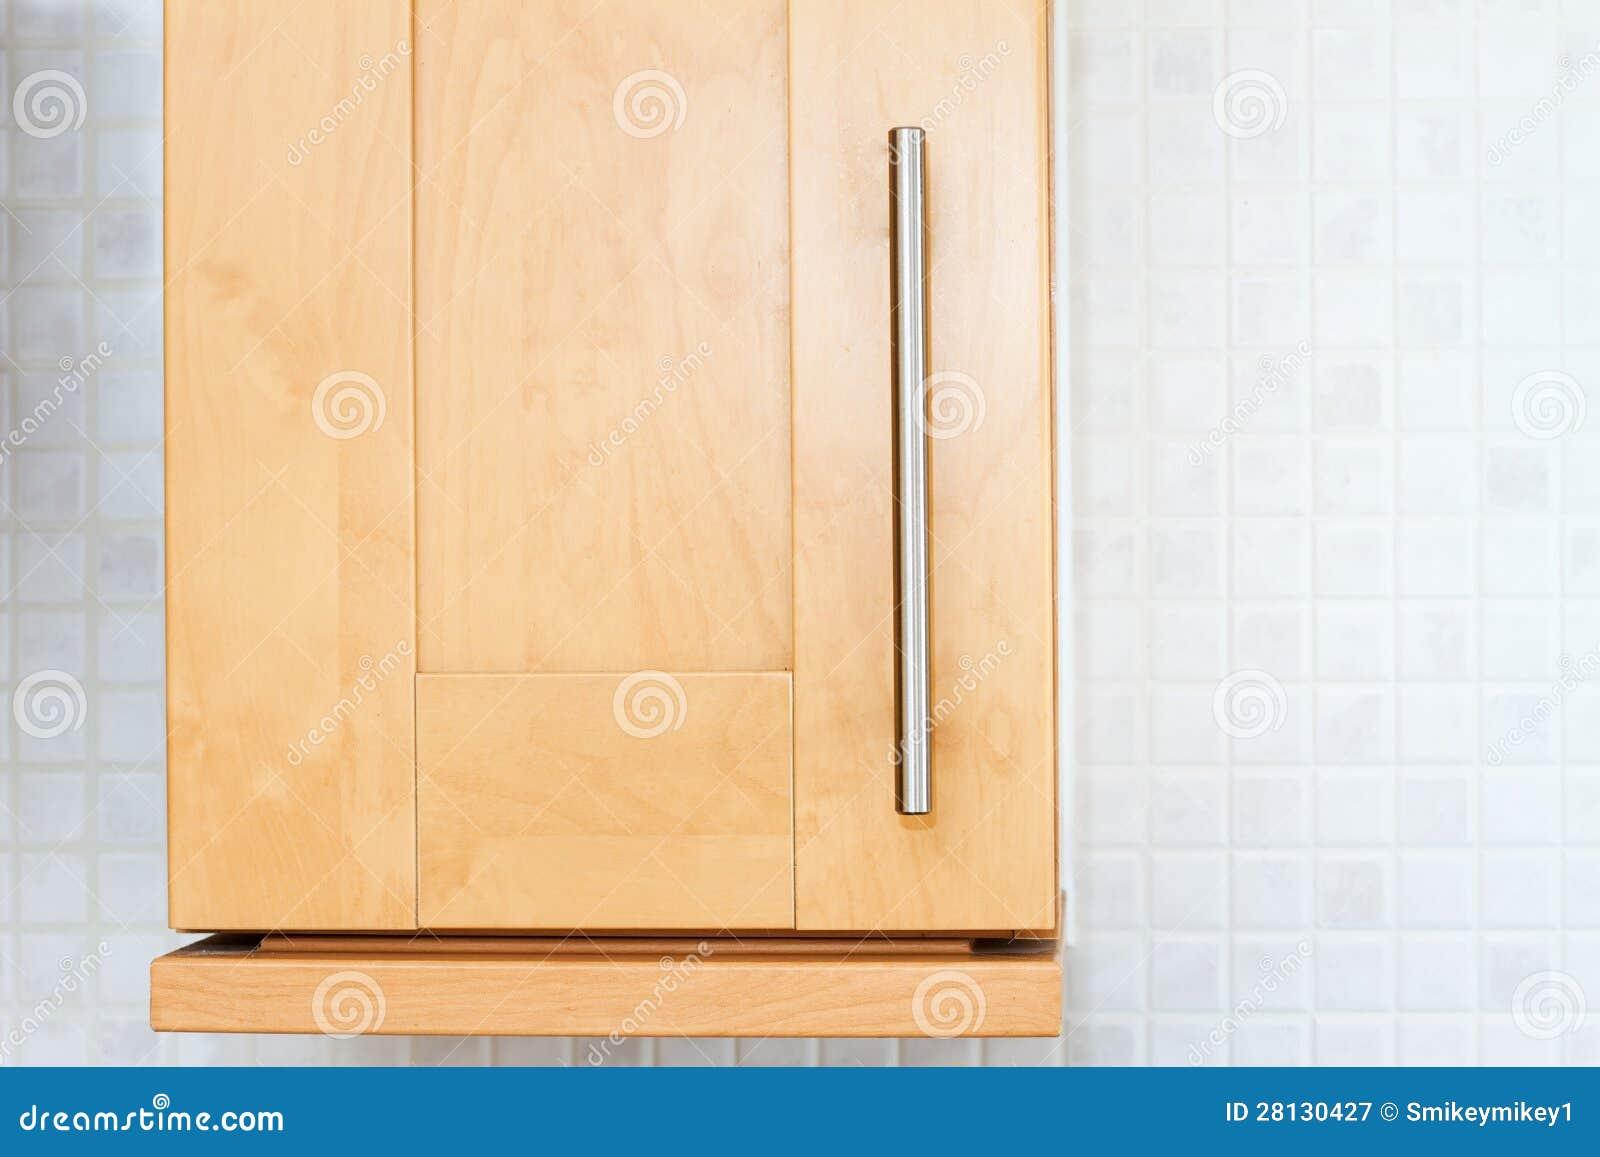 Bukowa drewniana kuchenna spiżarnia w białej kuchni